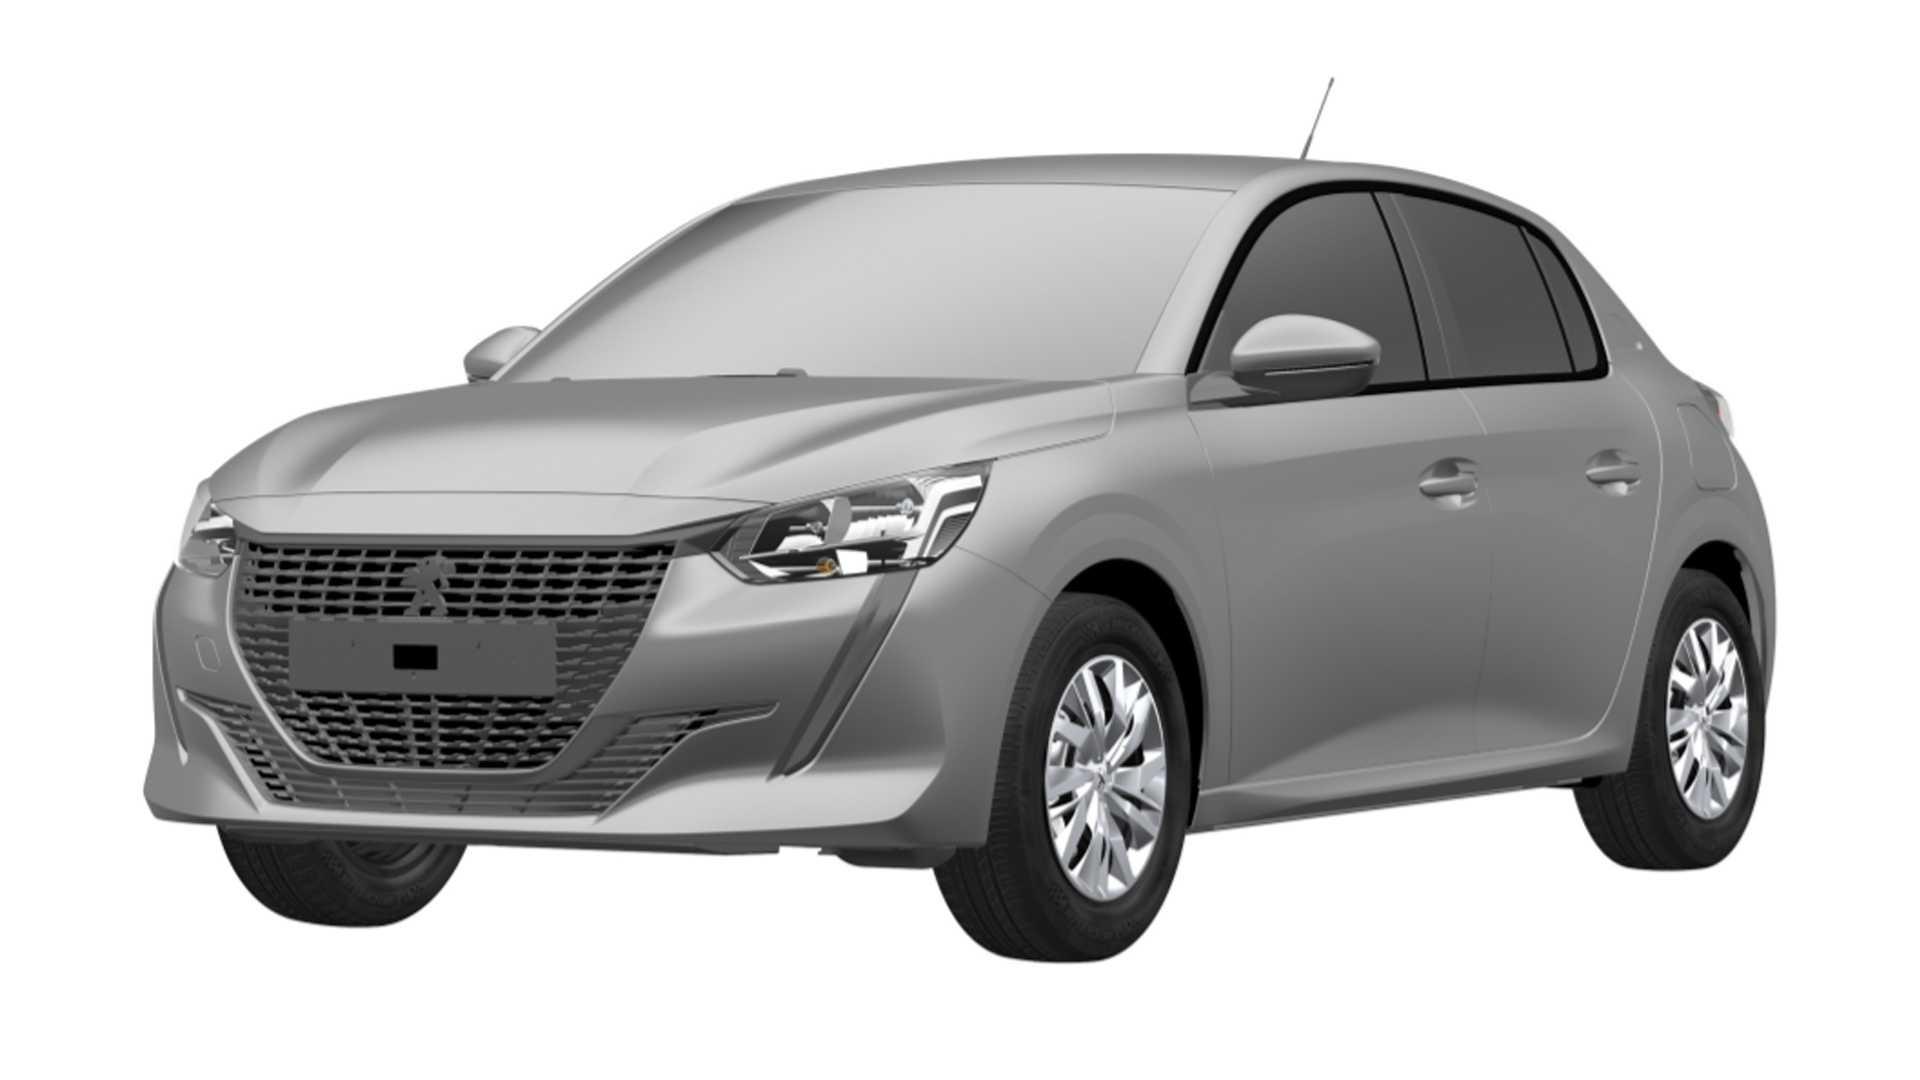 Nuevo Peugeot 208 versión básica entrada de gama